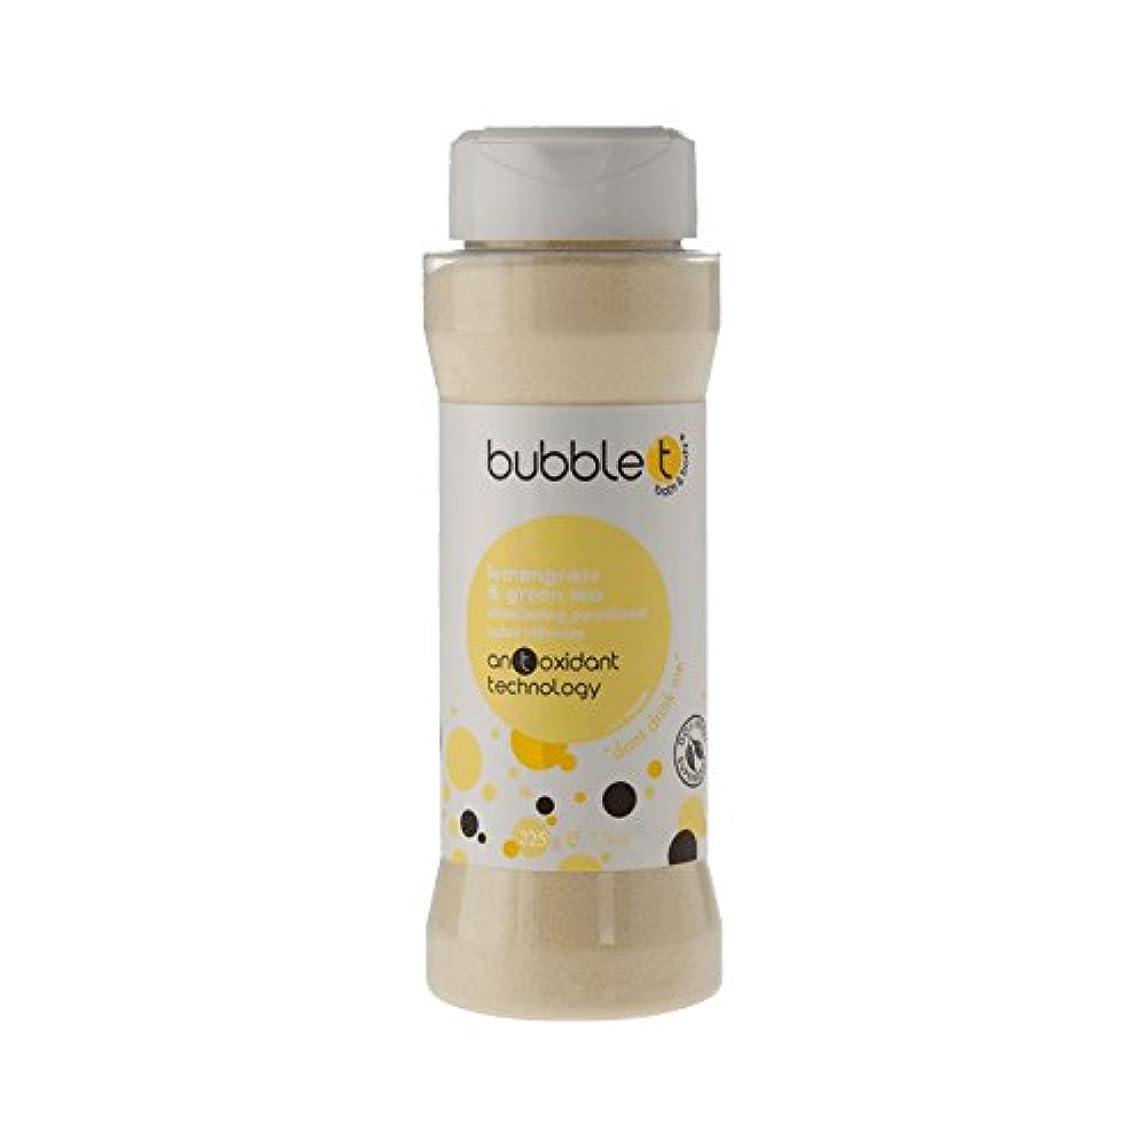 ボウリングオン平野Bubble T Bath Spice Infusion Lemongrass & Green Tea 225g (Pack of 2) - バブルトン風呂スパイス注入レモングラス&緑茶225グラム (x2) [並行輸入品]